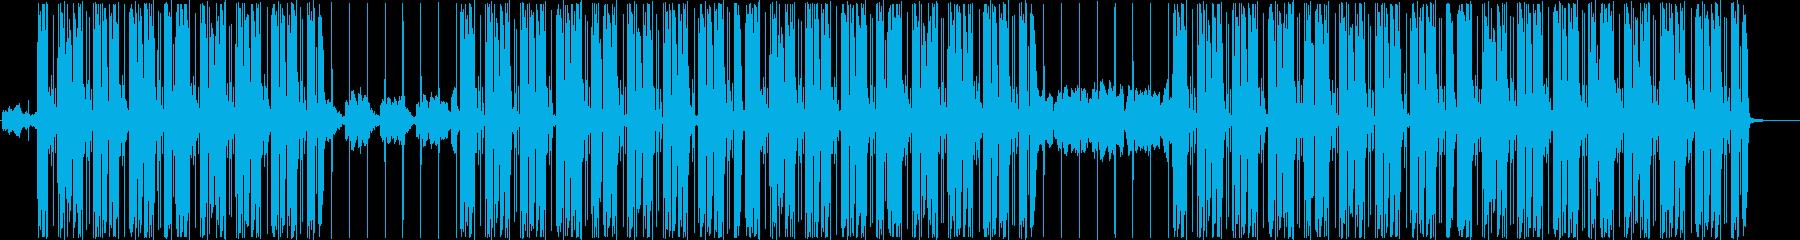 ローファイ、トラップ、ヒップホップ♪の再生済みの波形